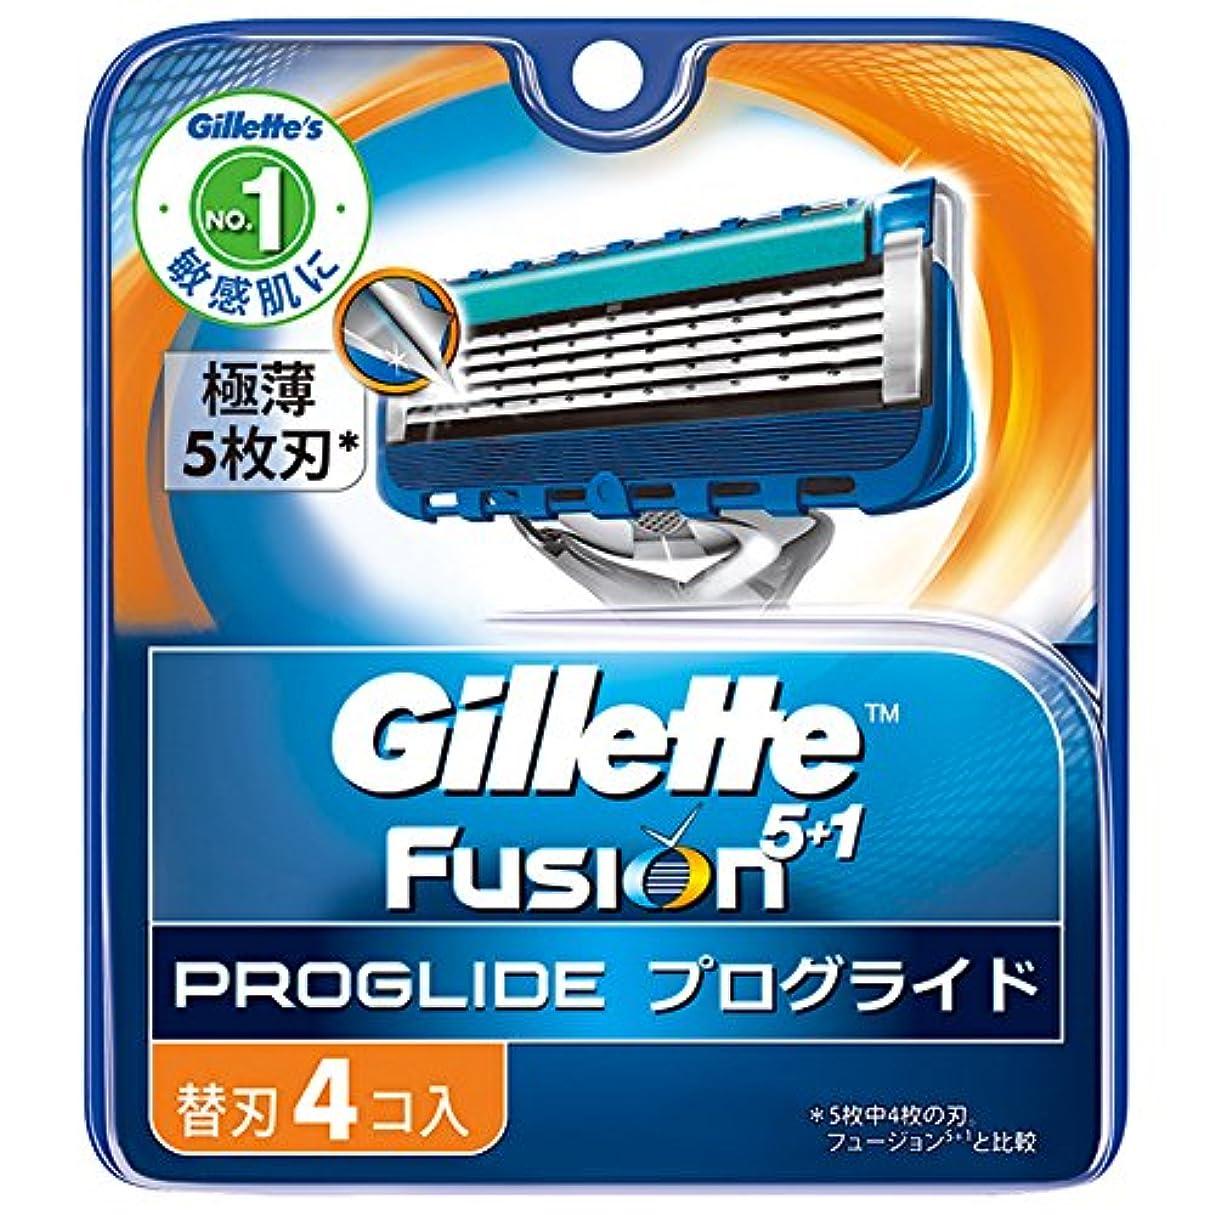 貞教える許されるジレット 髭剃り プログライド フレックスボール マニュアル 替刃4個入